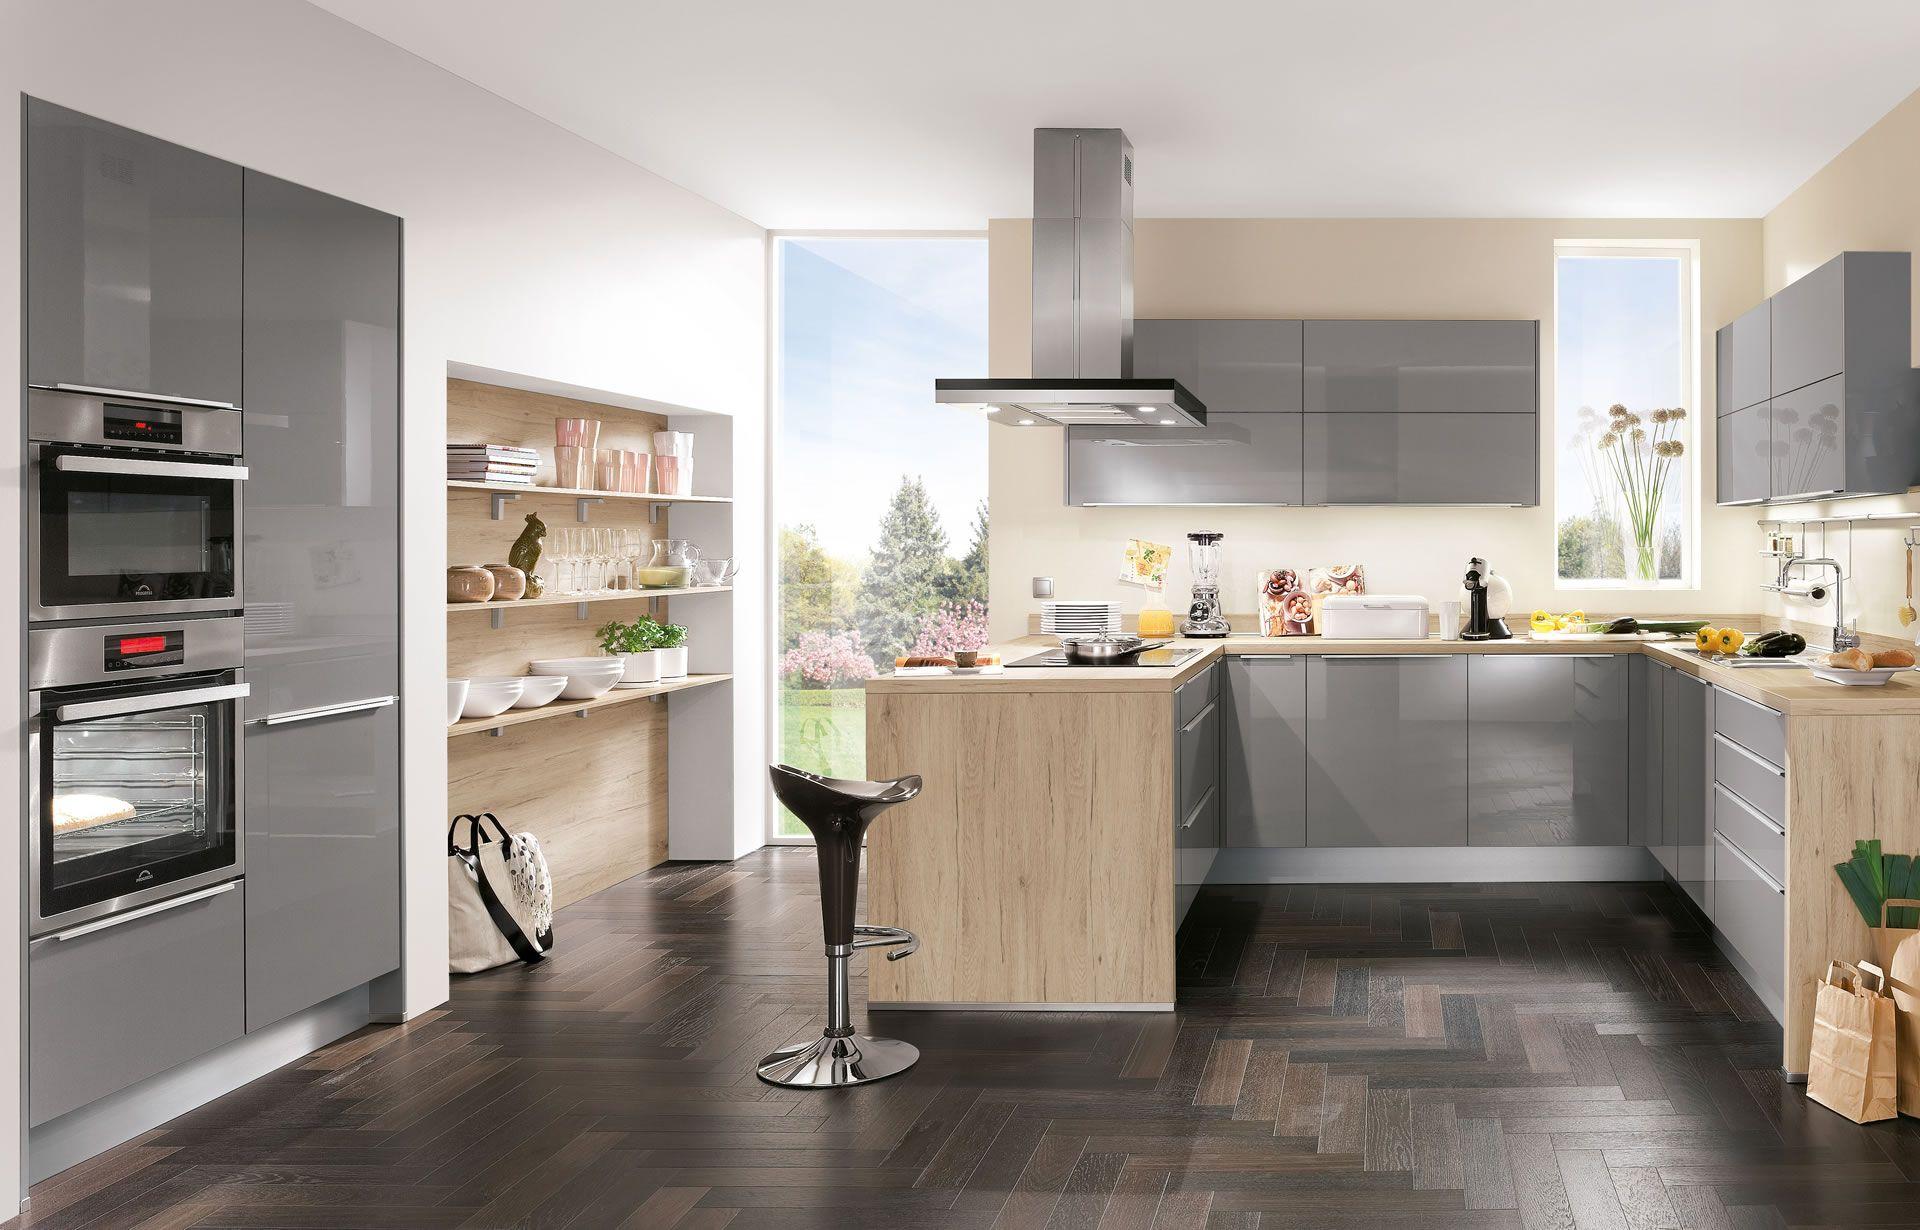 Nobilia küchen weiss hochglanz u form  nobilia Küchen - nobilia | Produkte | Uni farbig | Wohnen ...